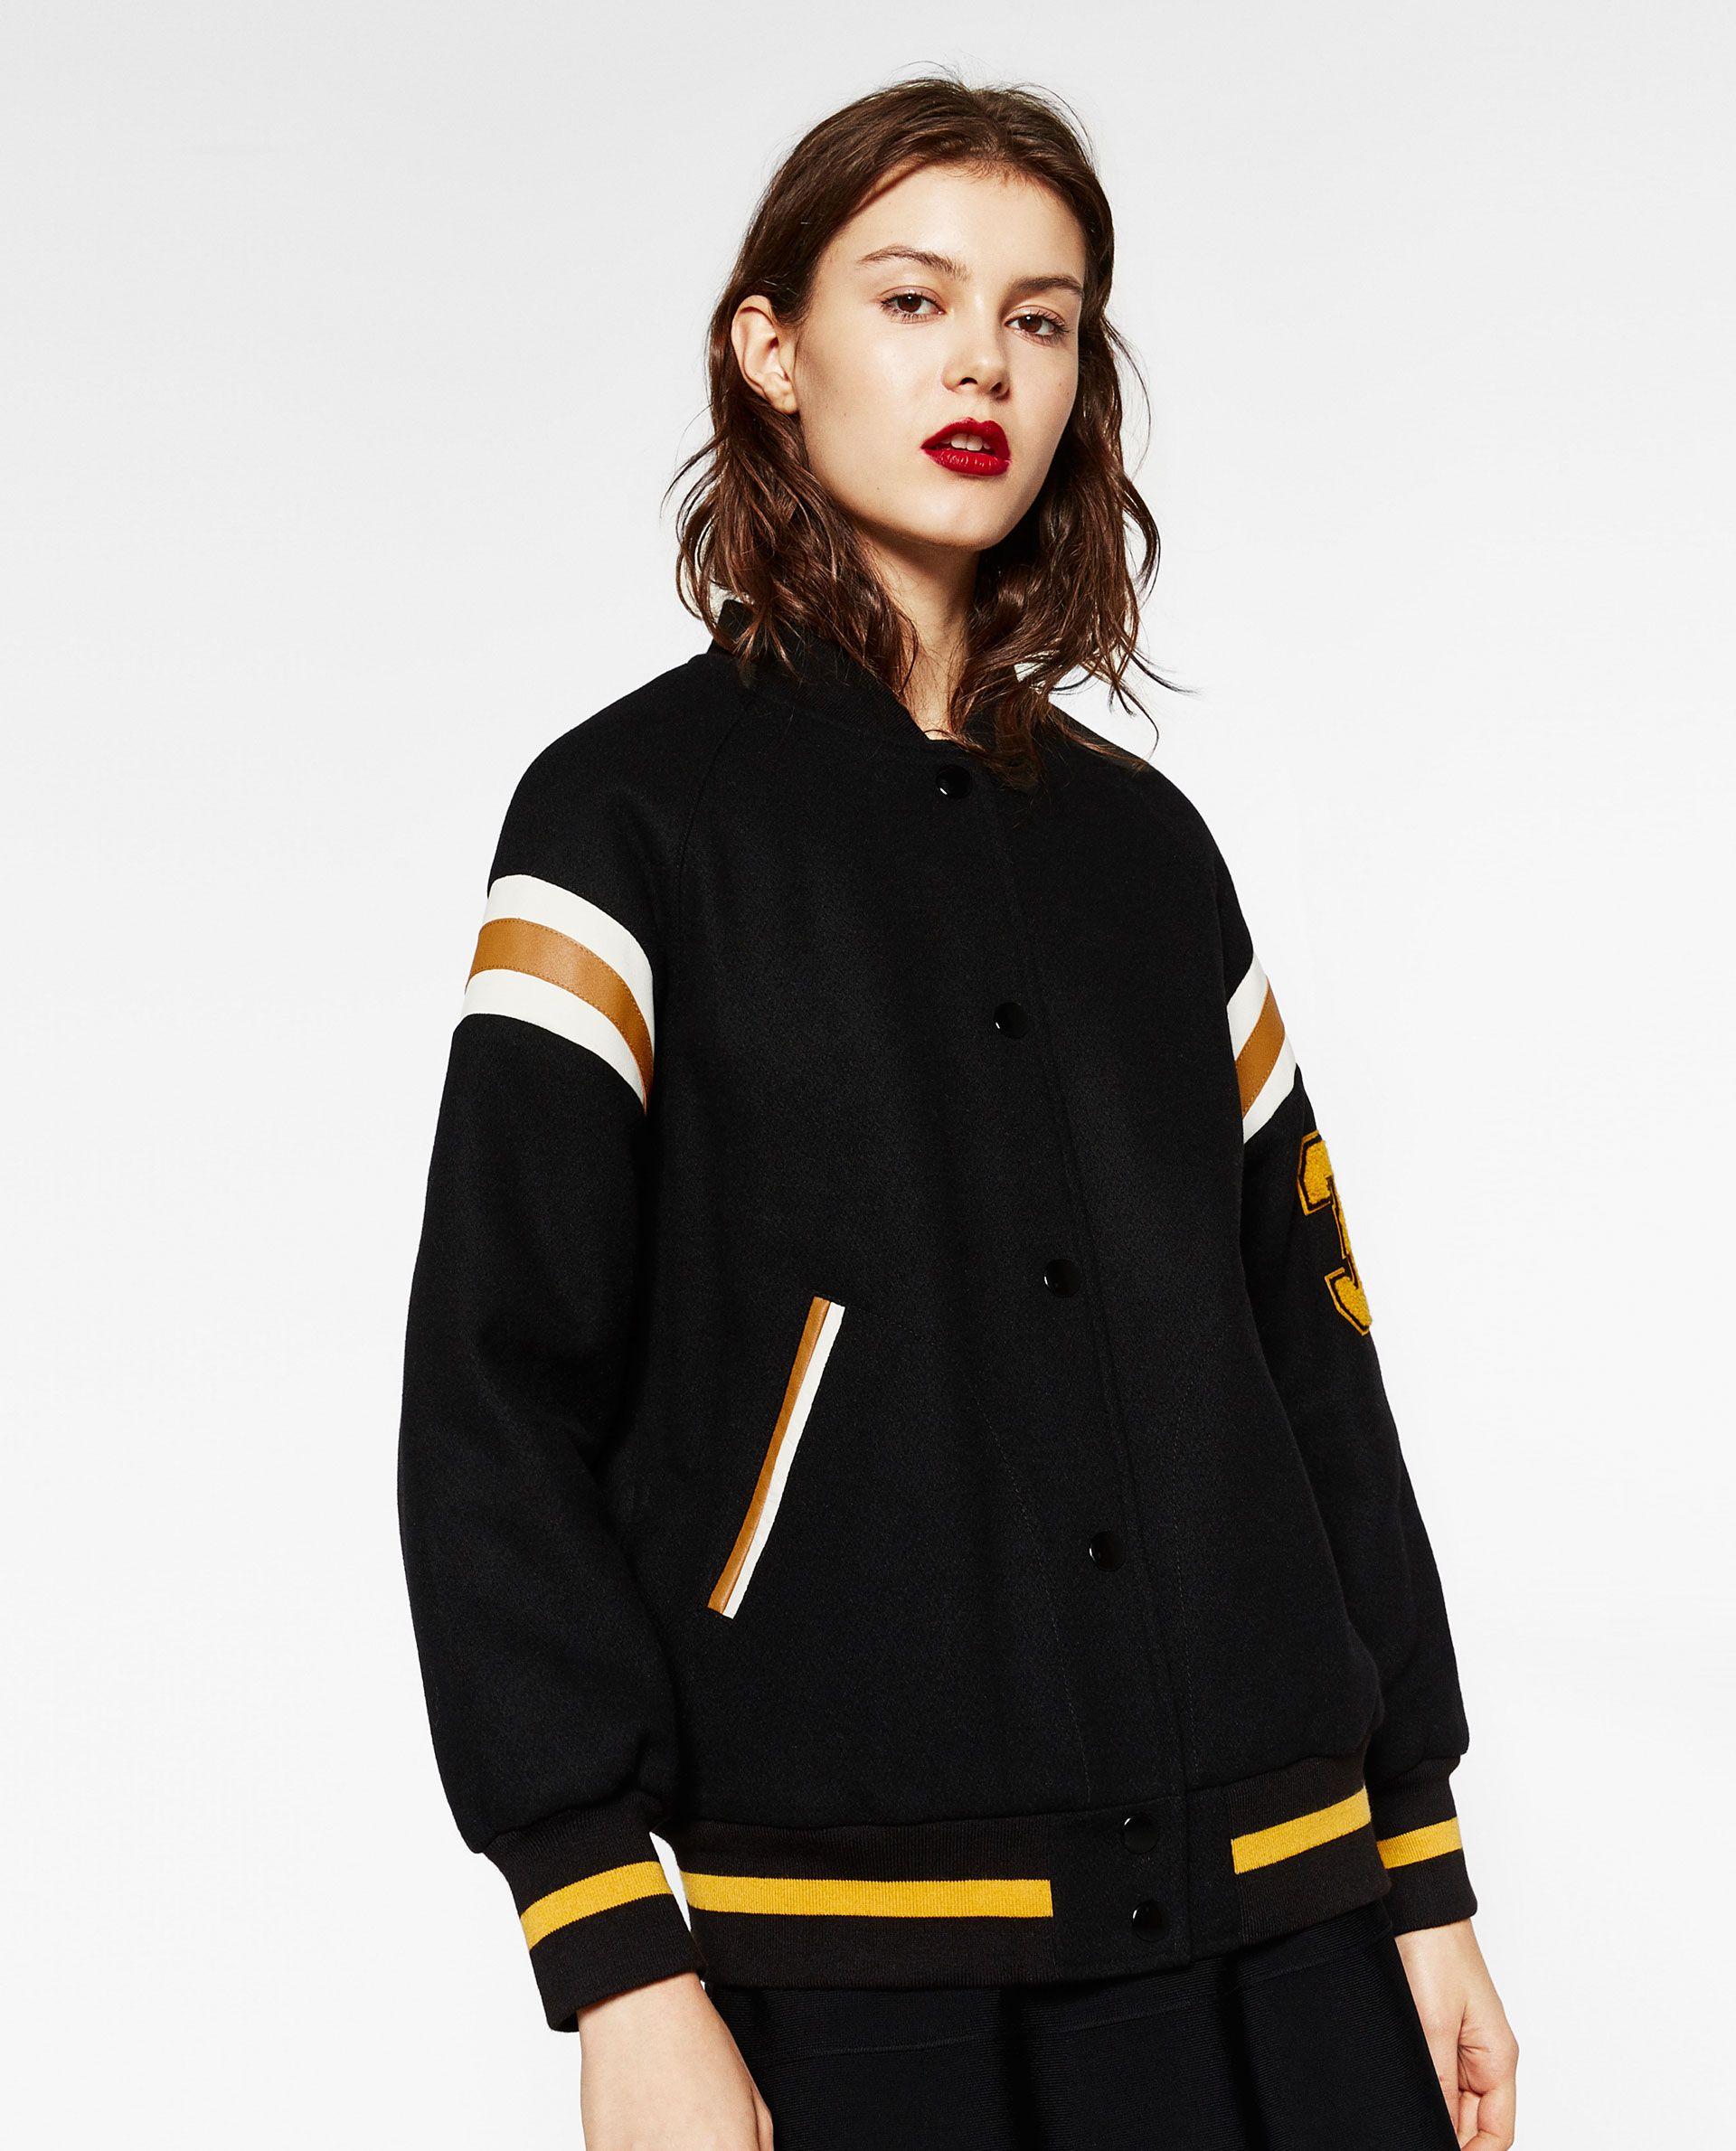 COLLEGE BOMBER JACKET Bomber jacket, Jackets, Zara